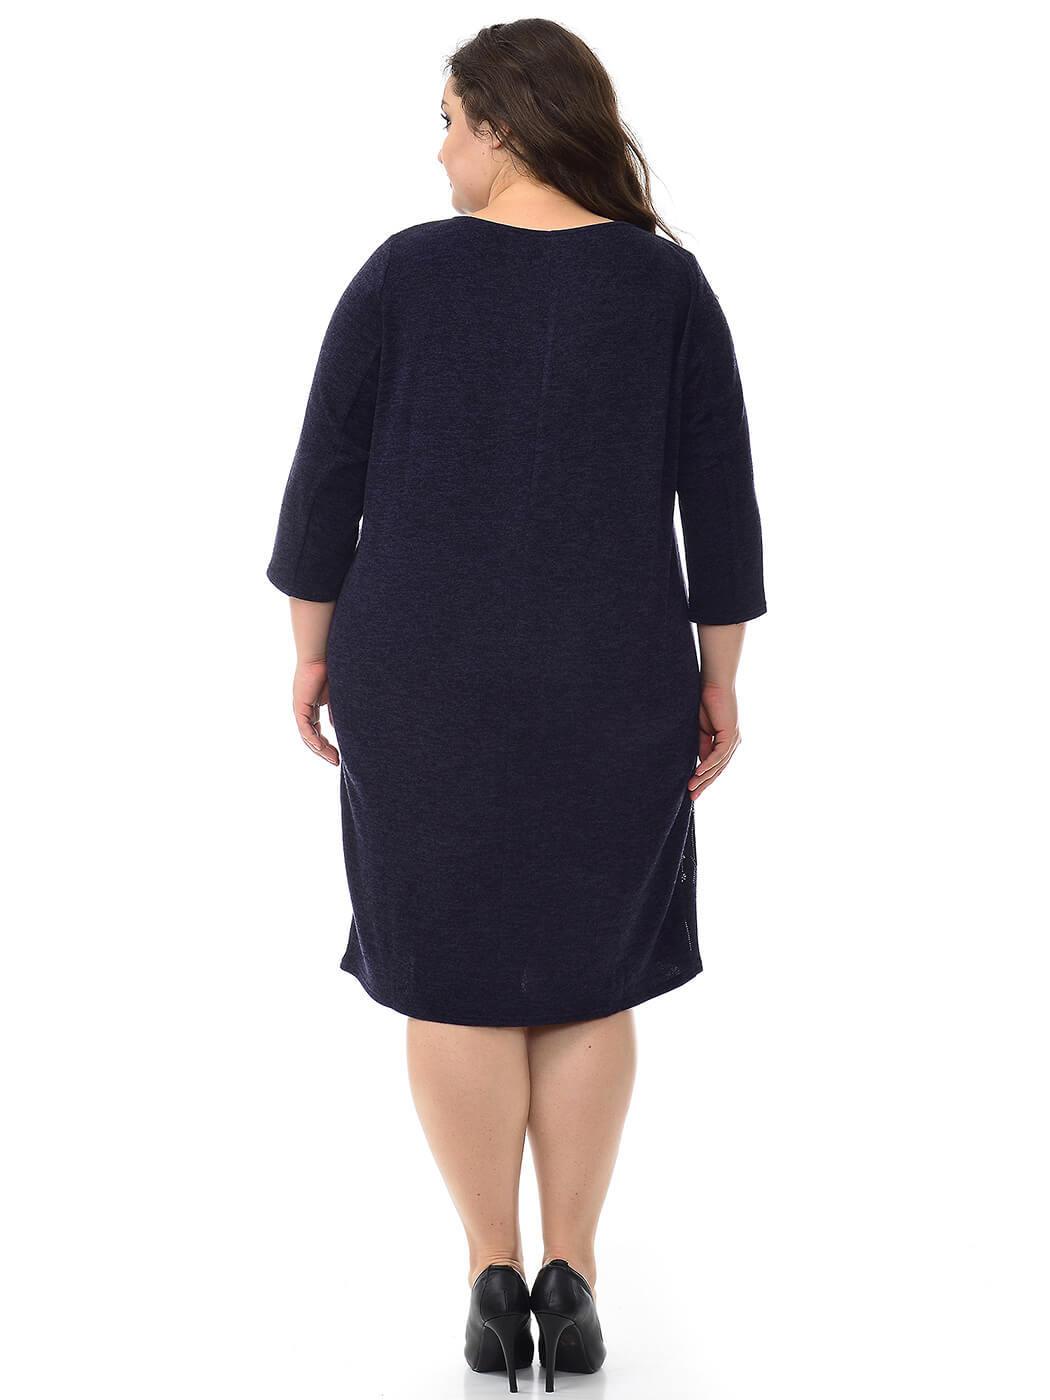 Платье с рельефами Ангора тёмно-синее